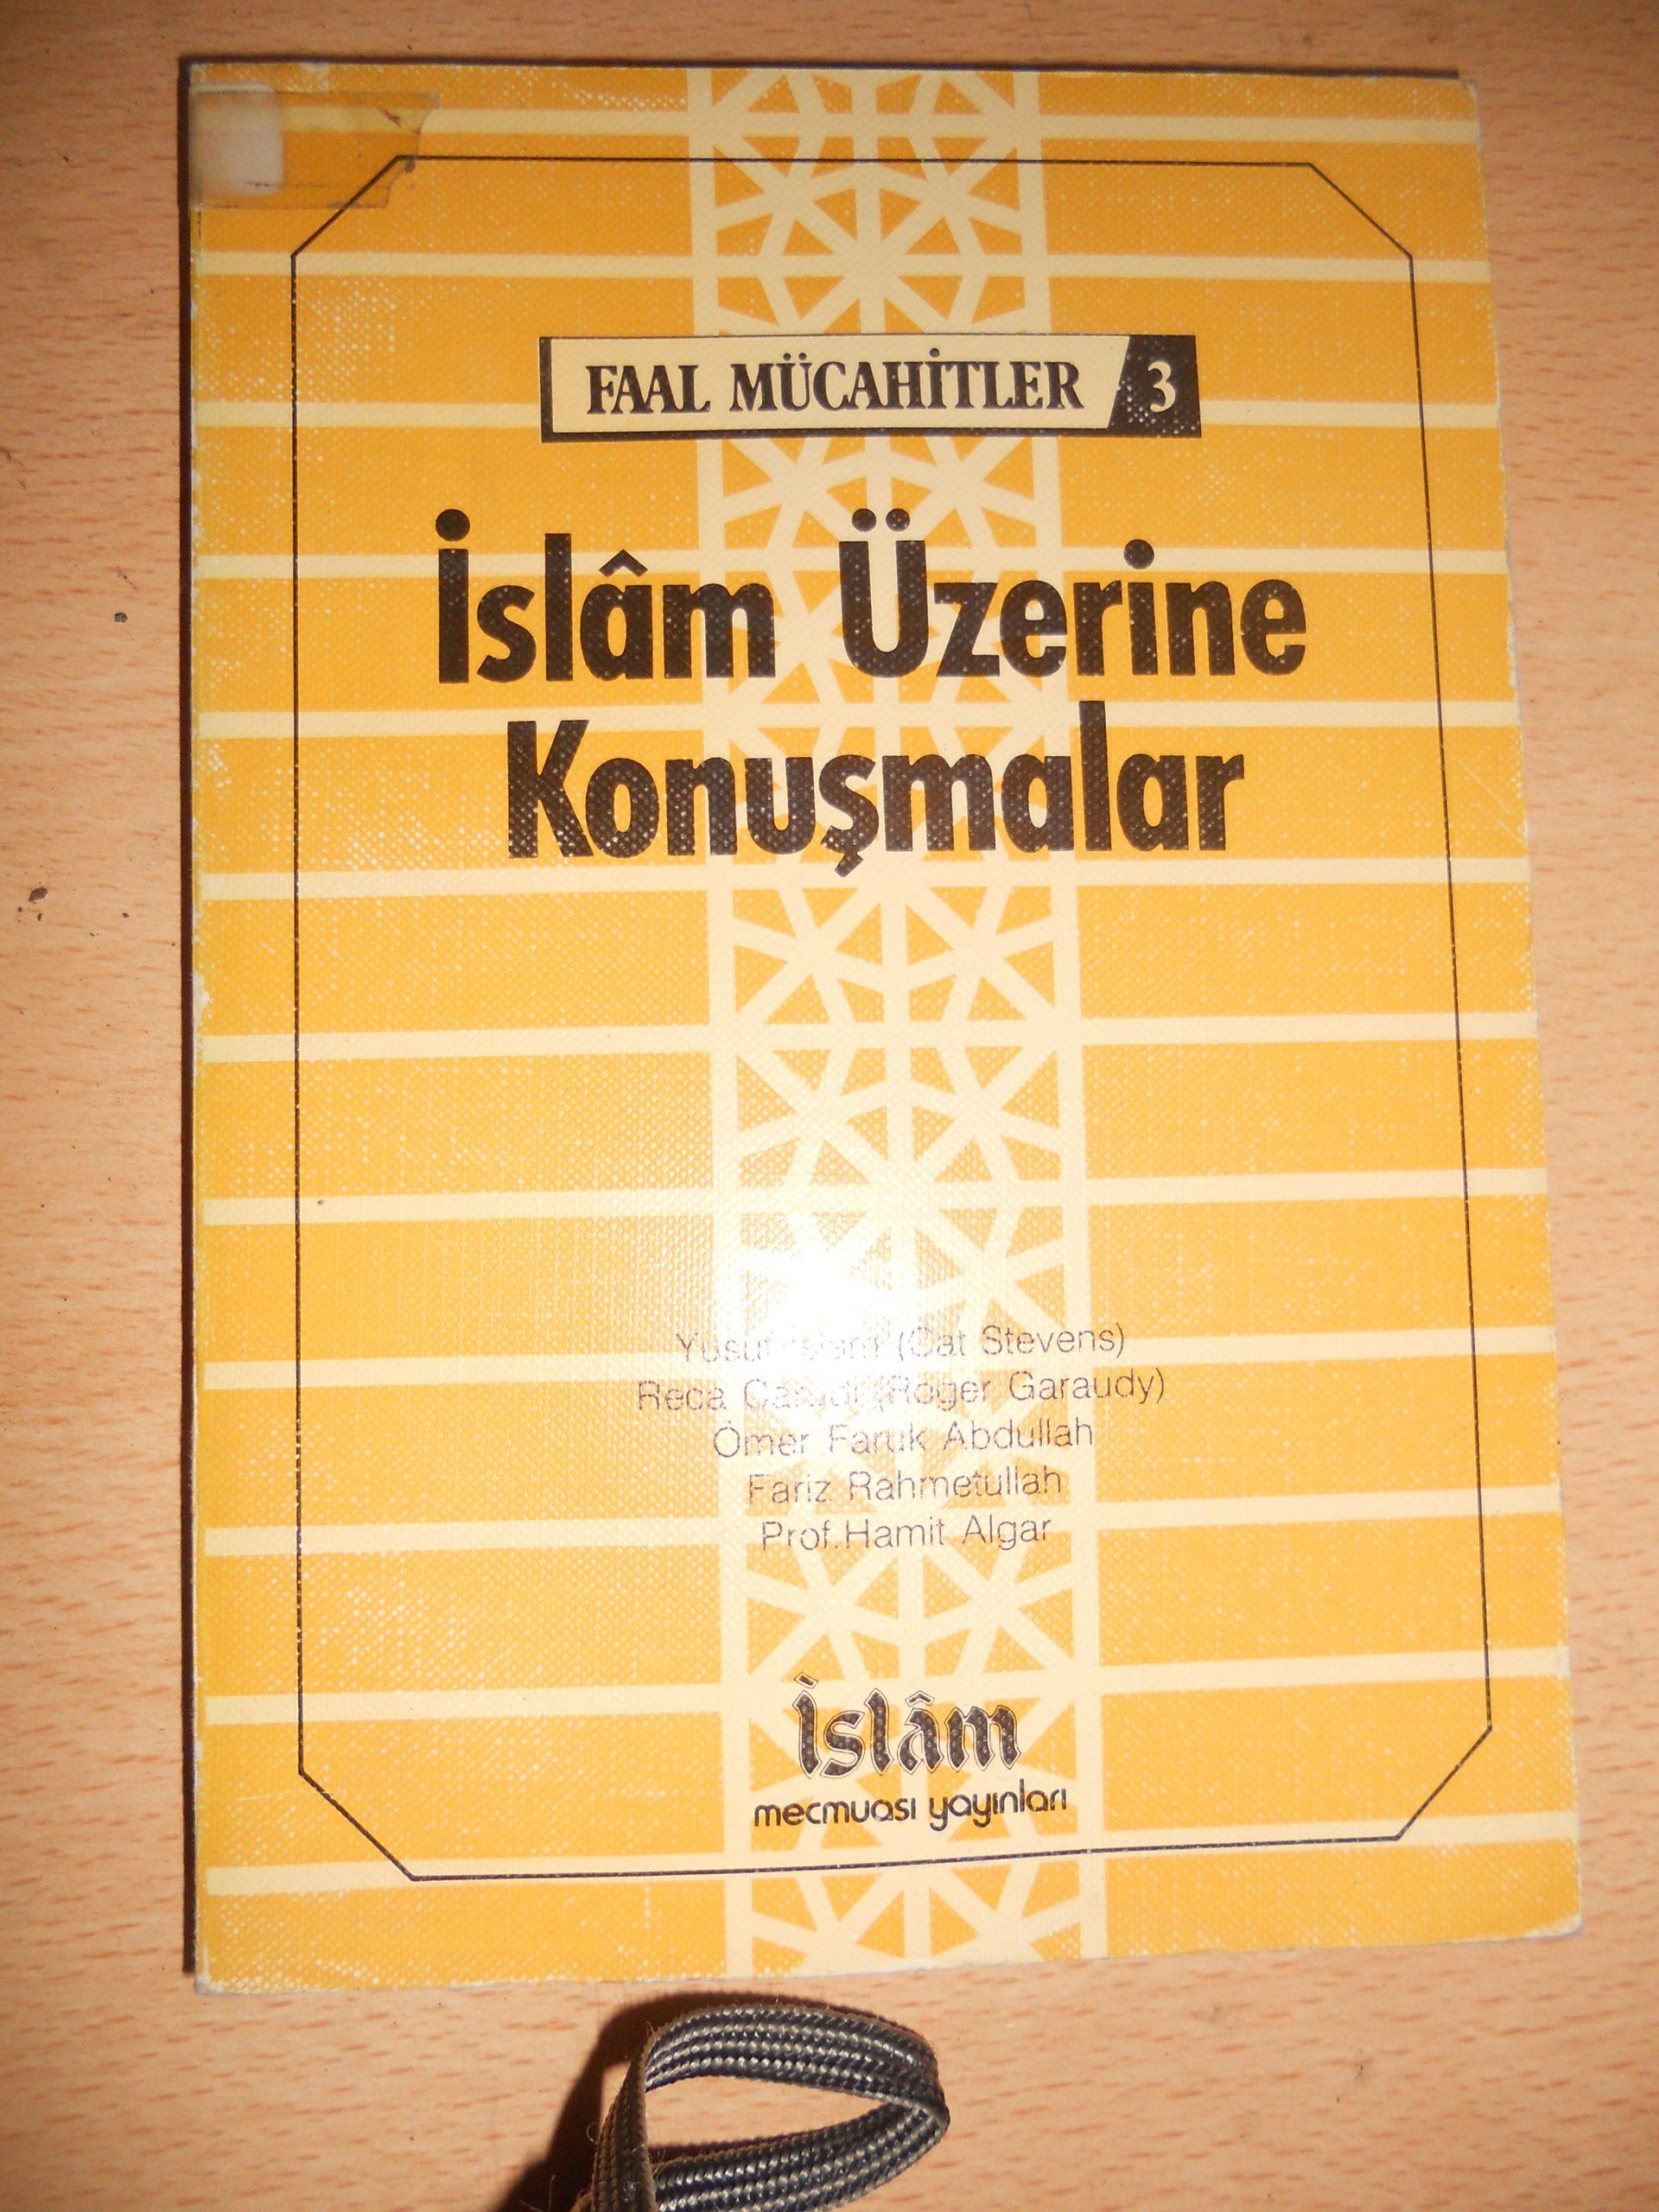 Faal mücahitler 3/ İSLAM ÜZERİNE KONUŞMALAR/Derleme/ 15 tl